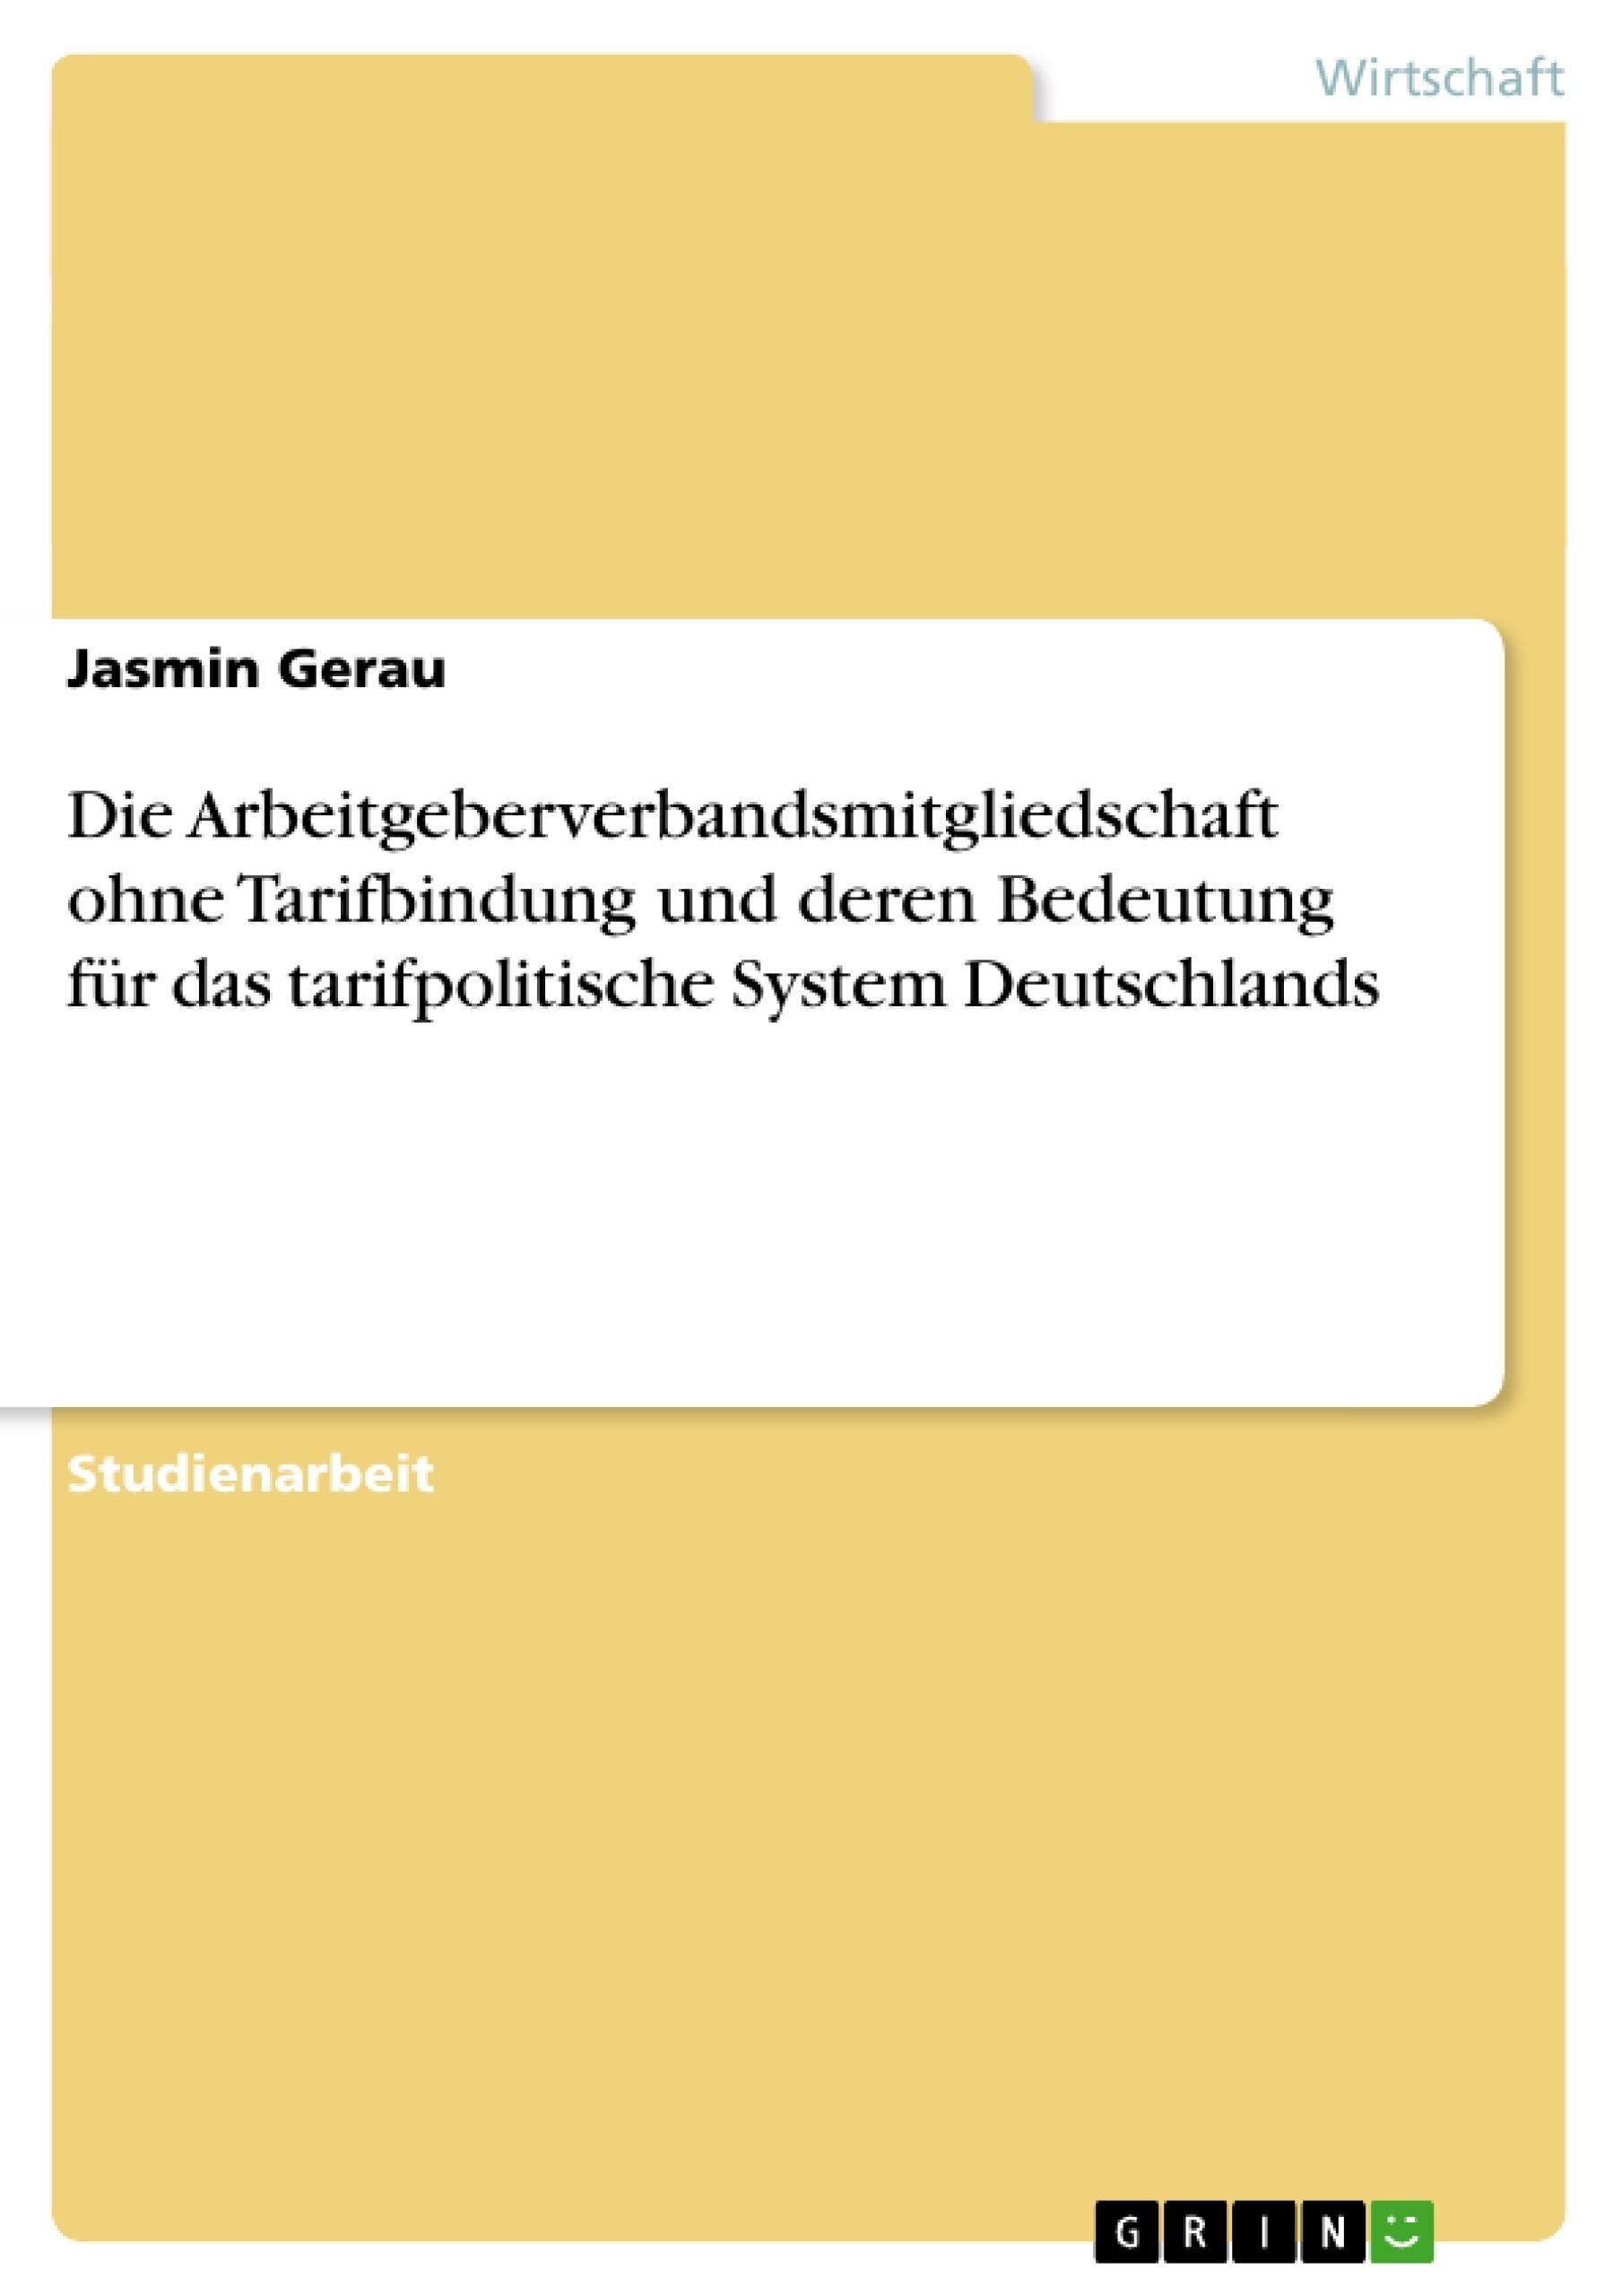 Titel: Die Arbeitgeberverbandsmitgliedschaft ohne Tarifbindung und deren Bedeutung für das tarifpolitische System Deutschlands